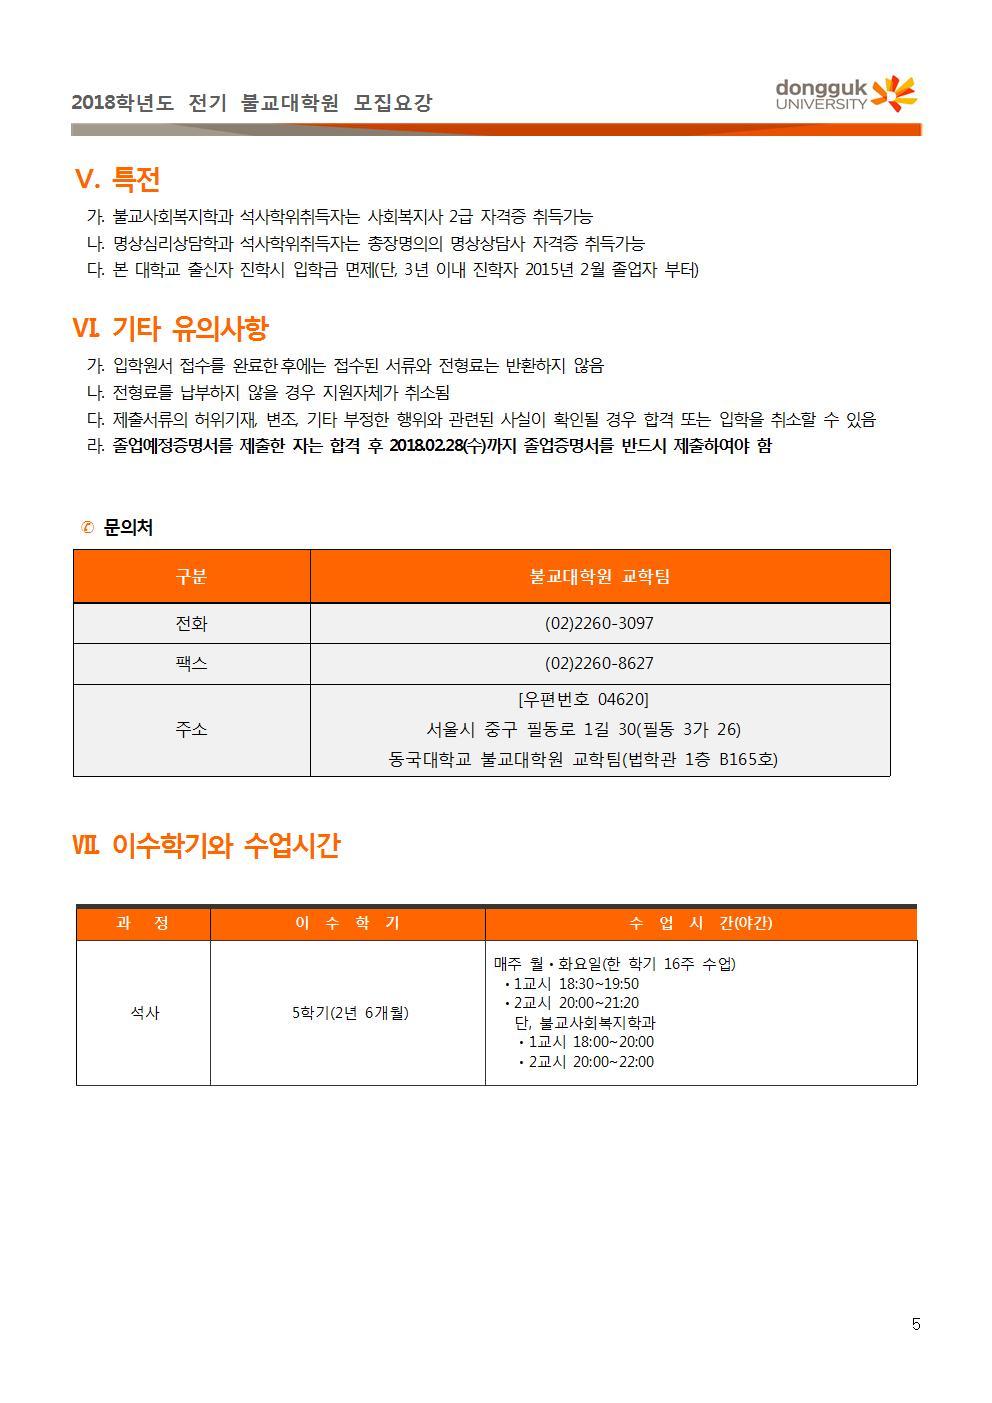 (첨부1) 불교대학원 2018학년도 전기 신입생 모집 요강(2차)005